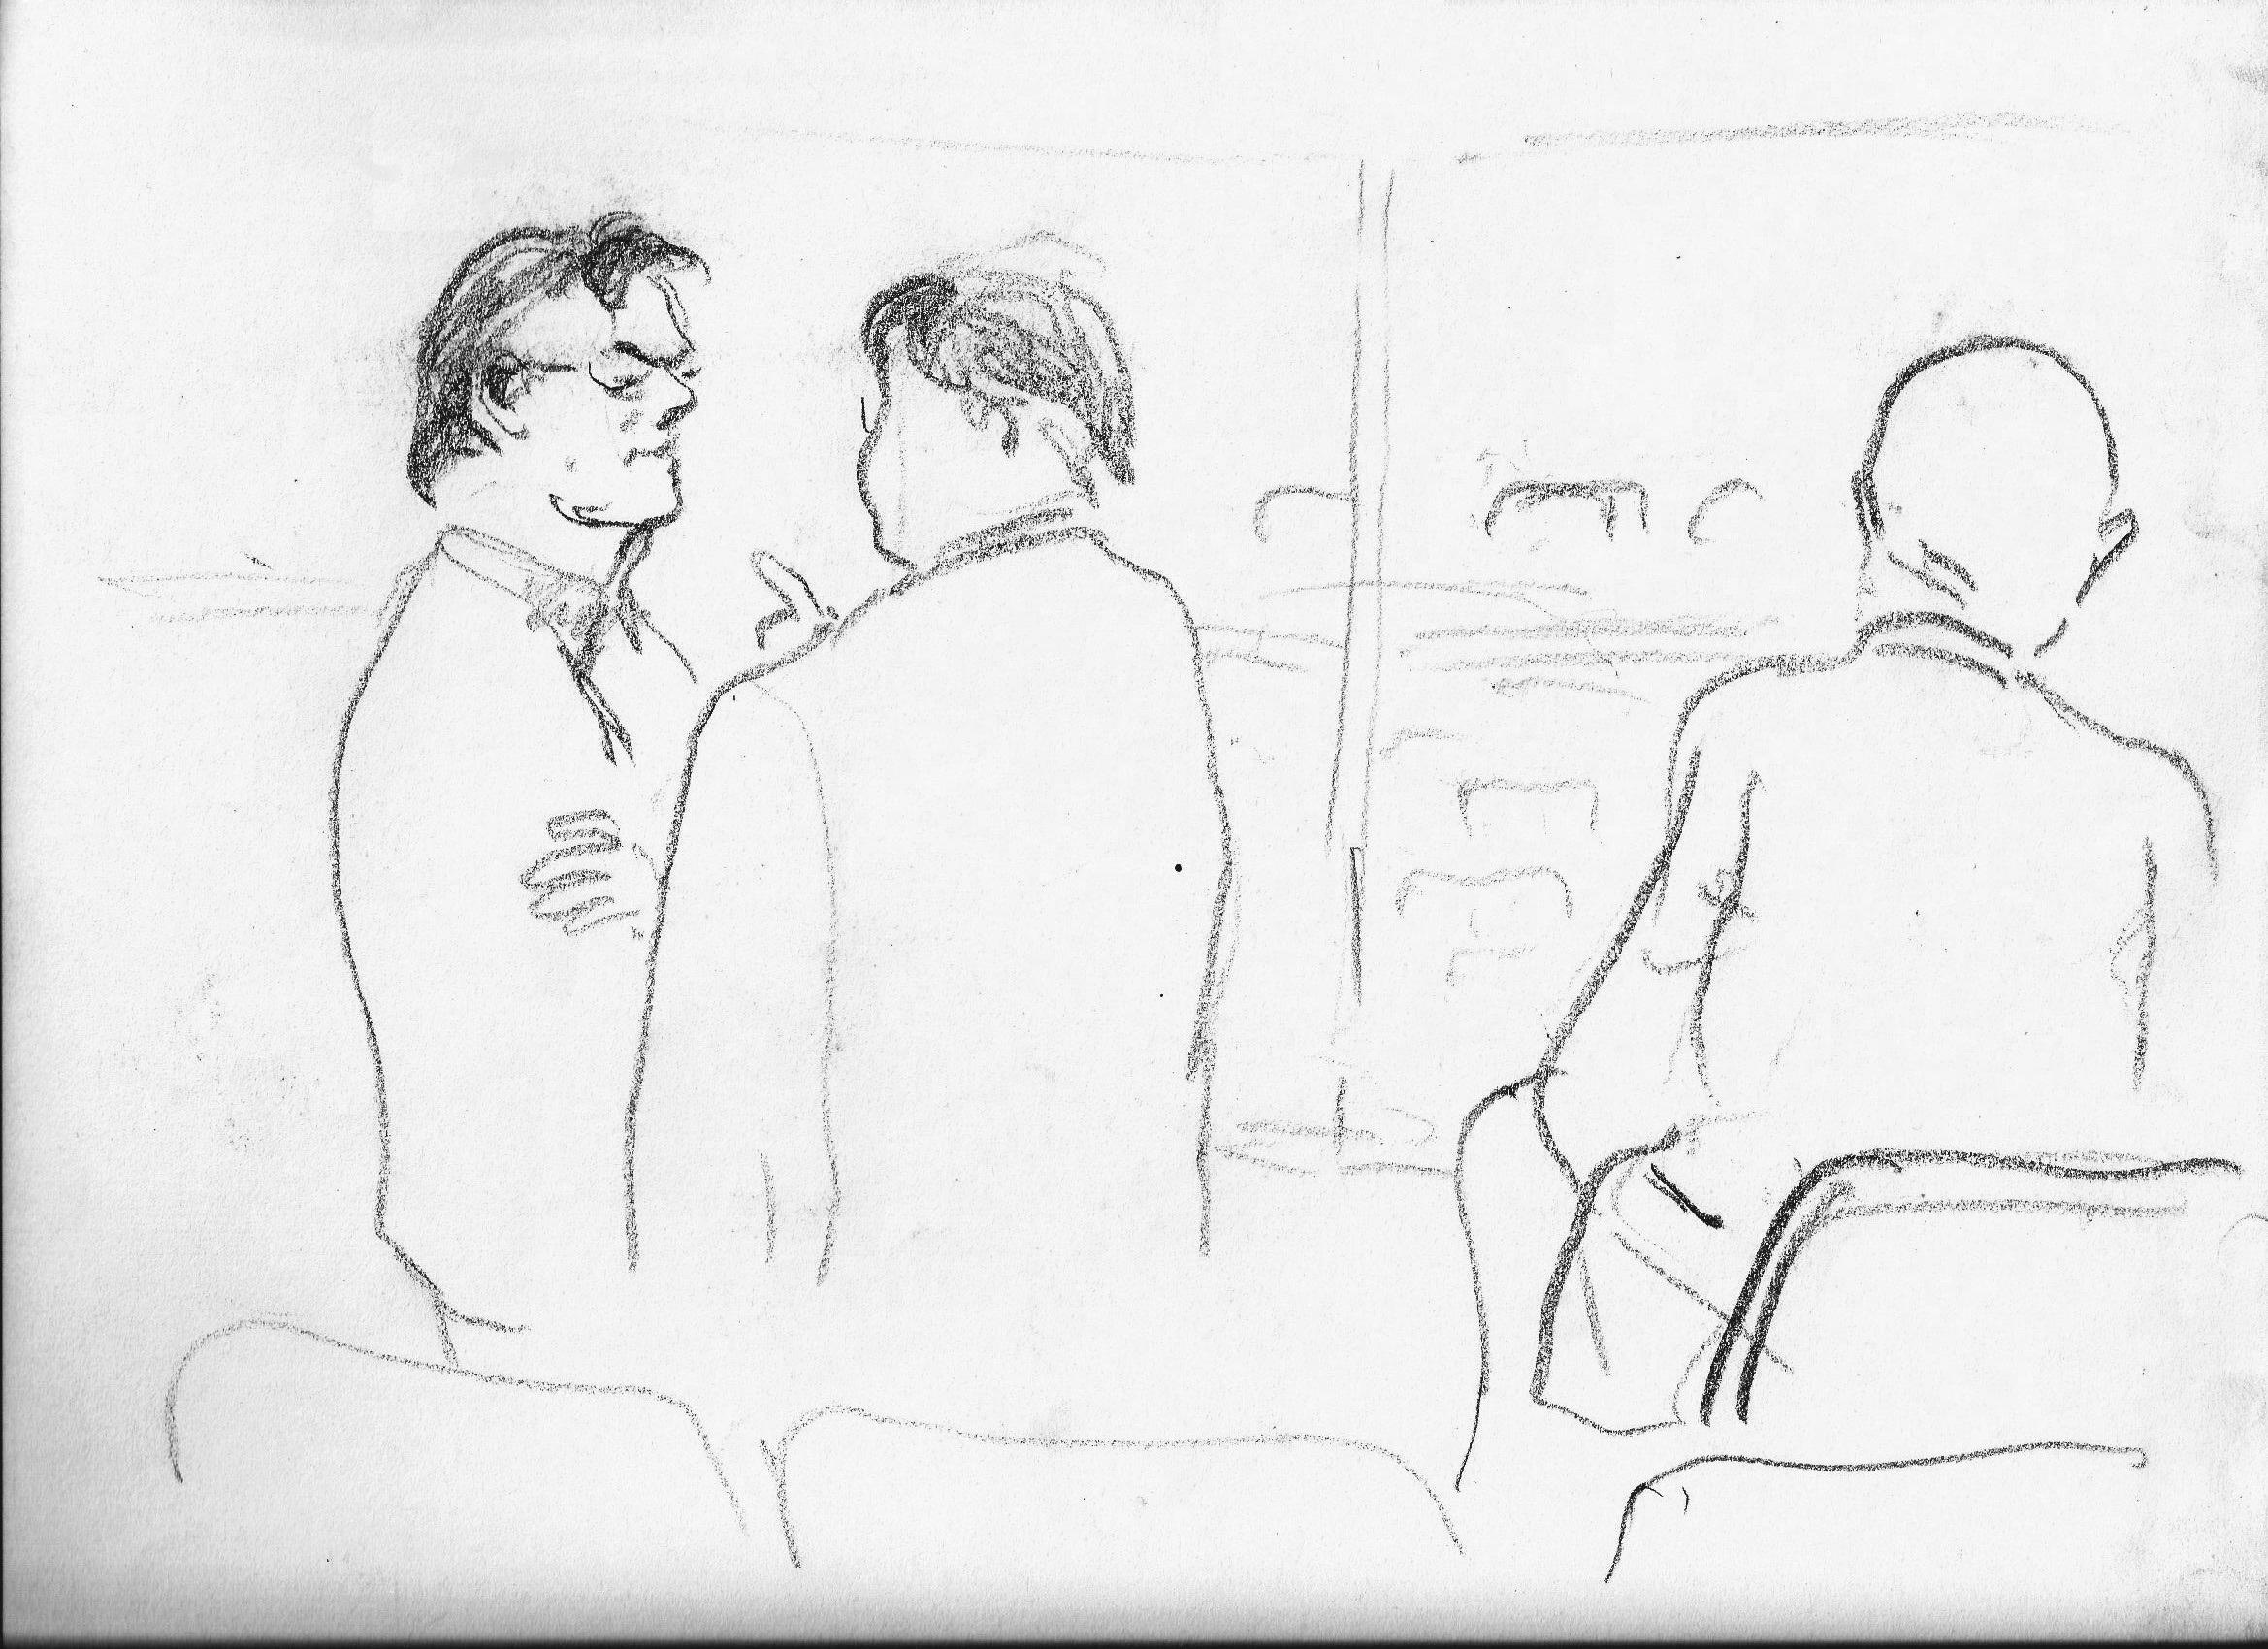 Pause im Zuschauerraum des OLG München. Von Günter Wangerin, http://guenterwangerin.jimdo.com/